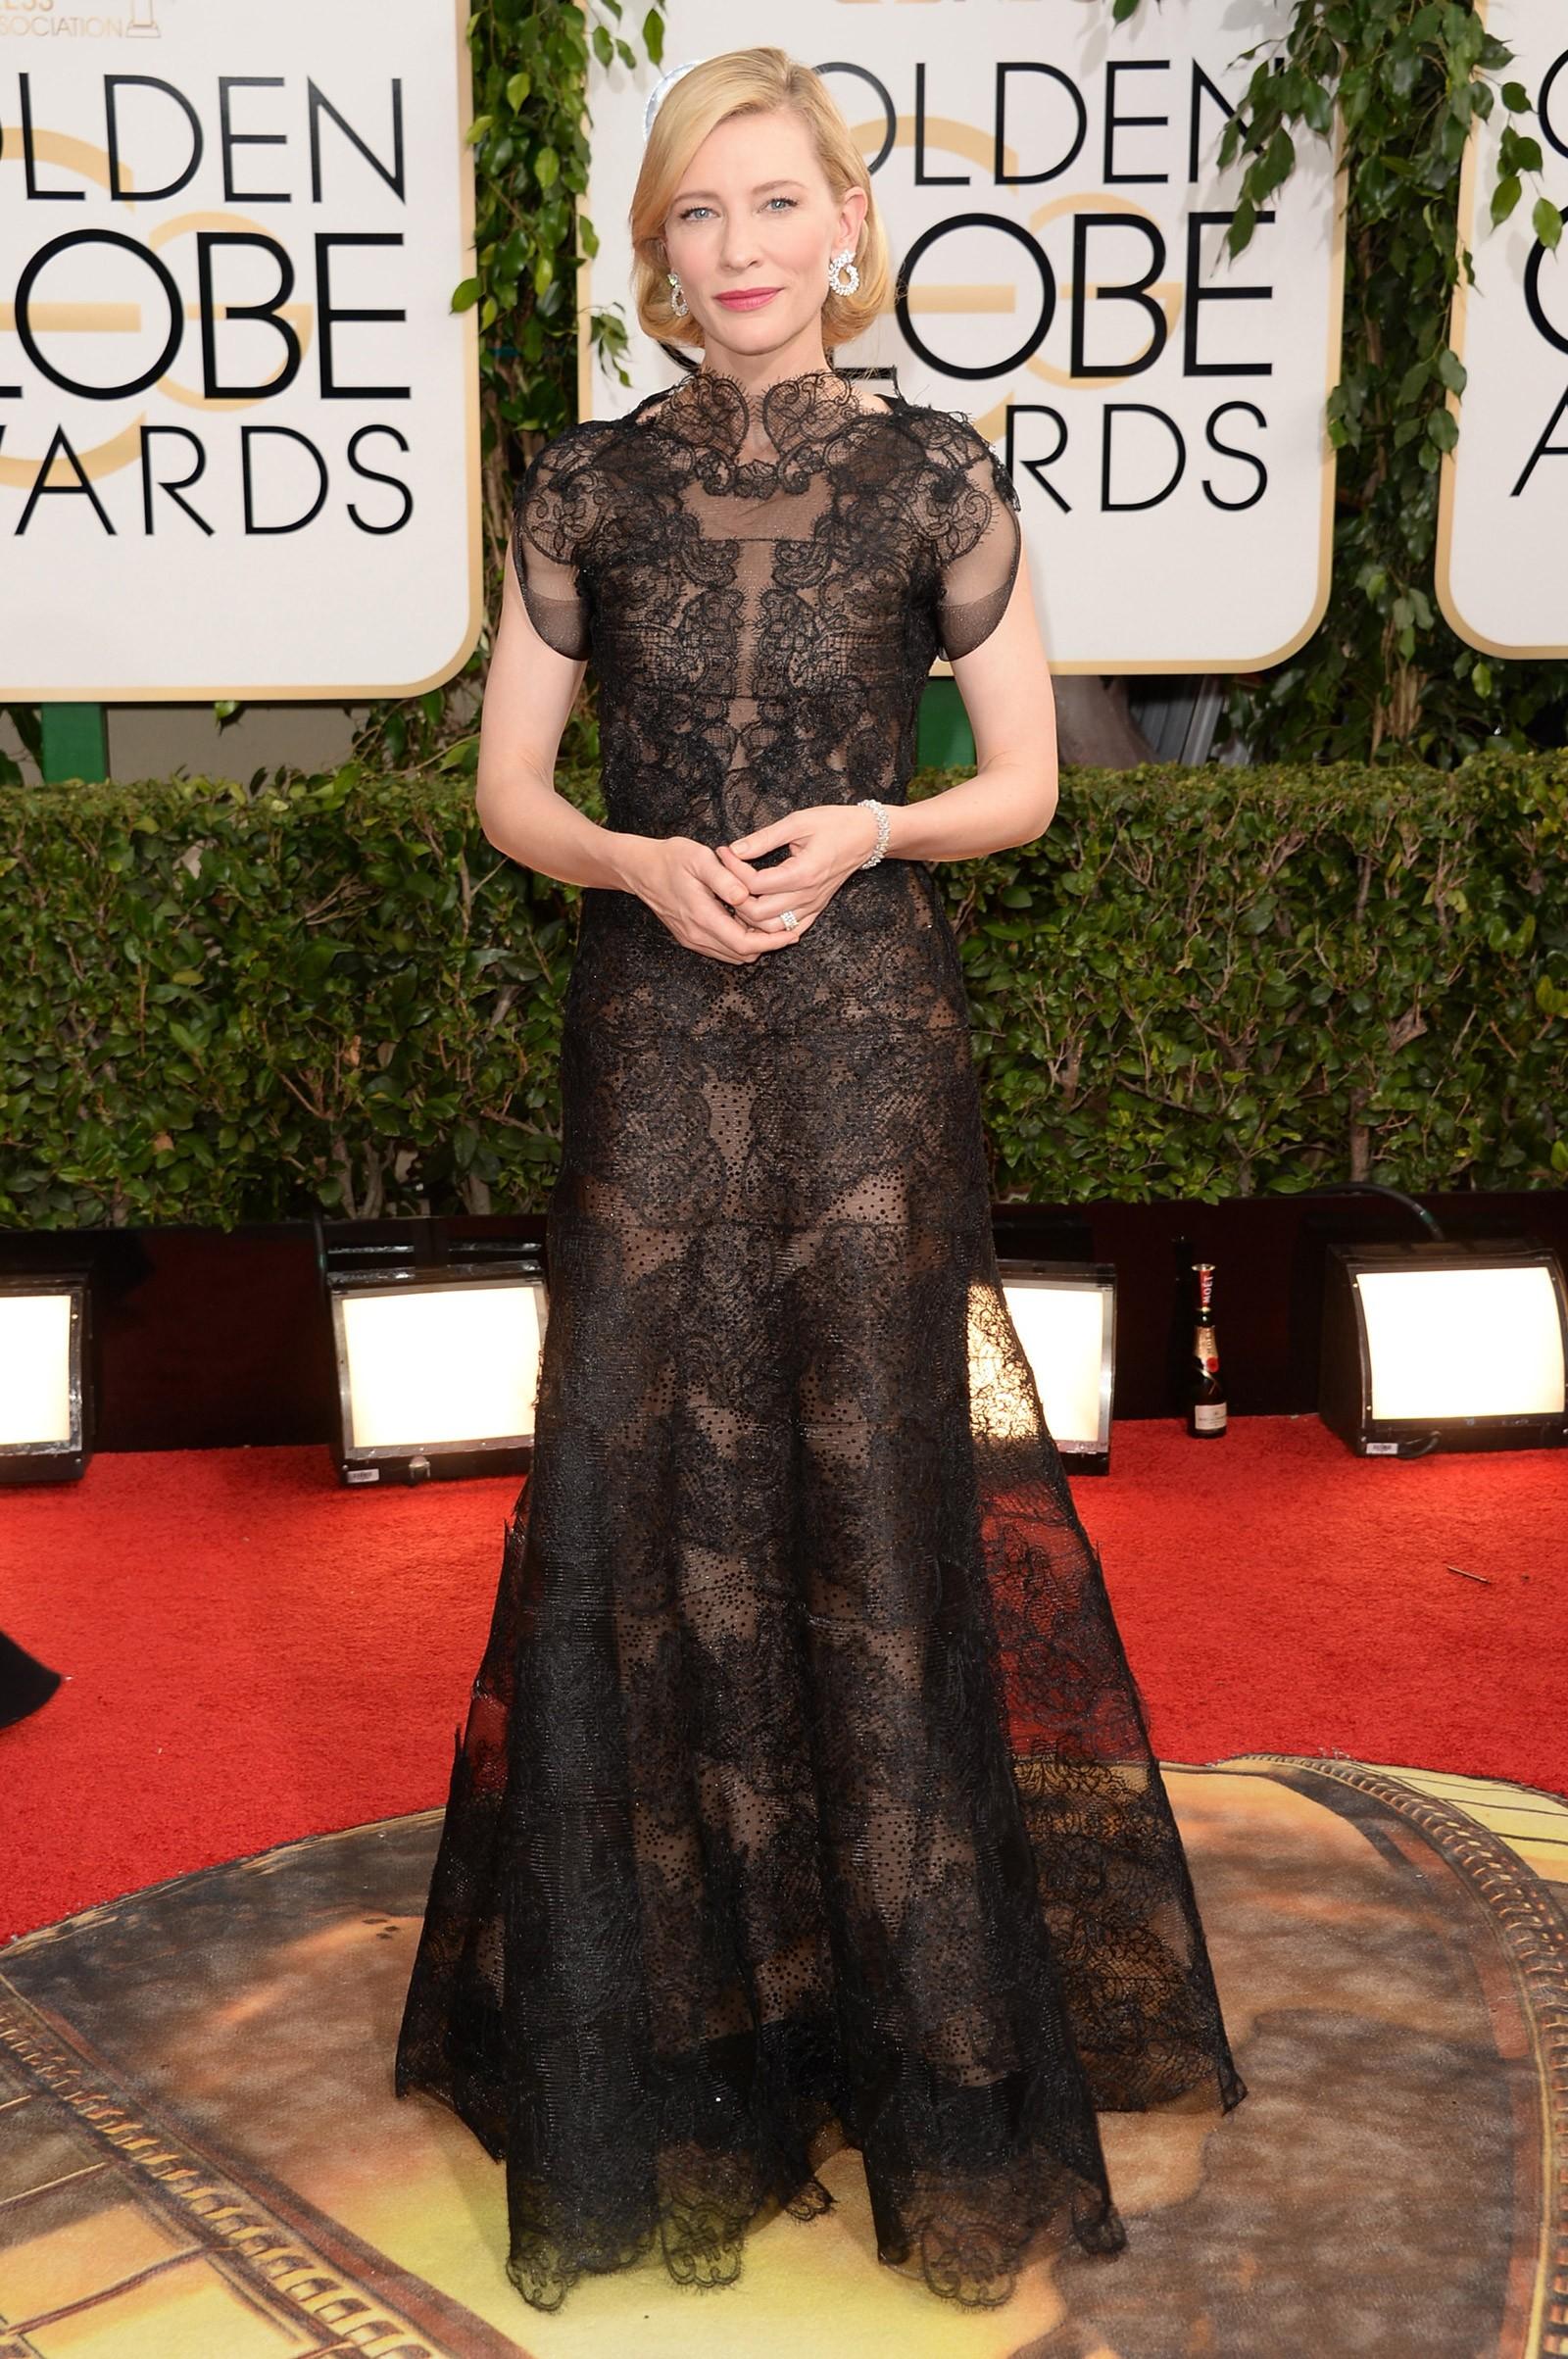 2013 - melhor atriz de drama para Cate Blanchett, que vestiu Giorgio Armani (Foto: Getty Images)